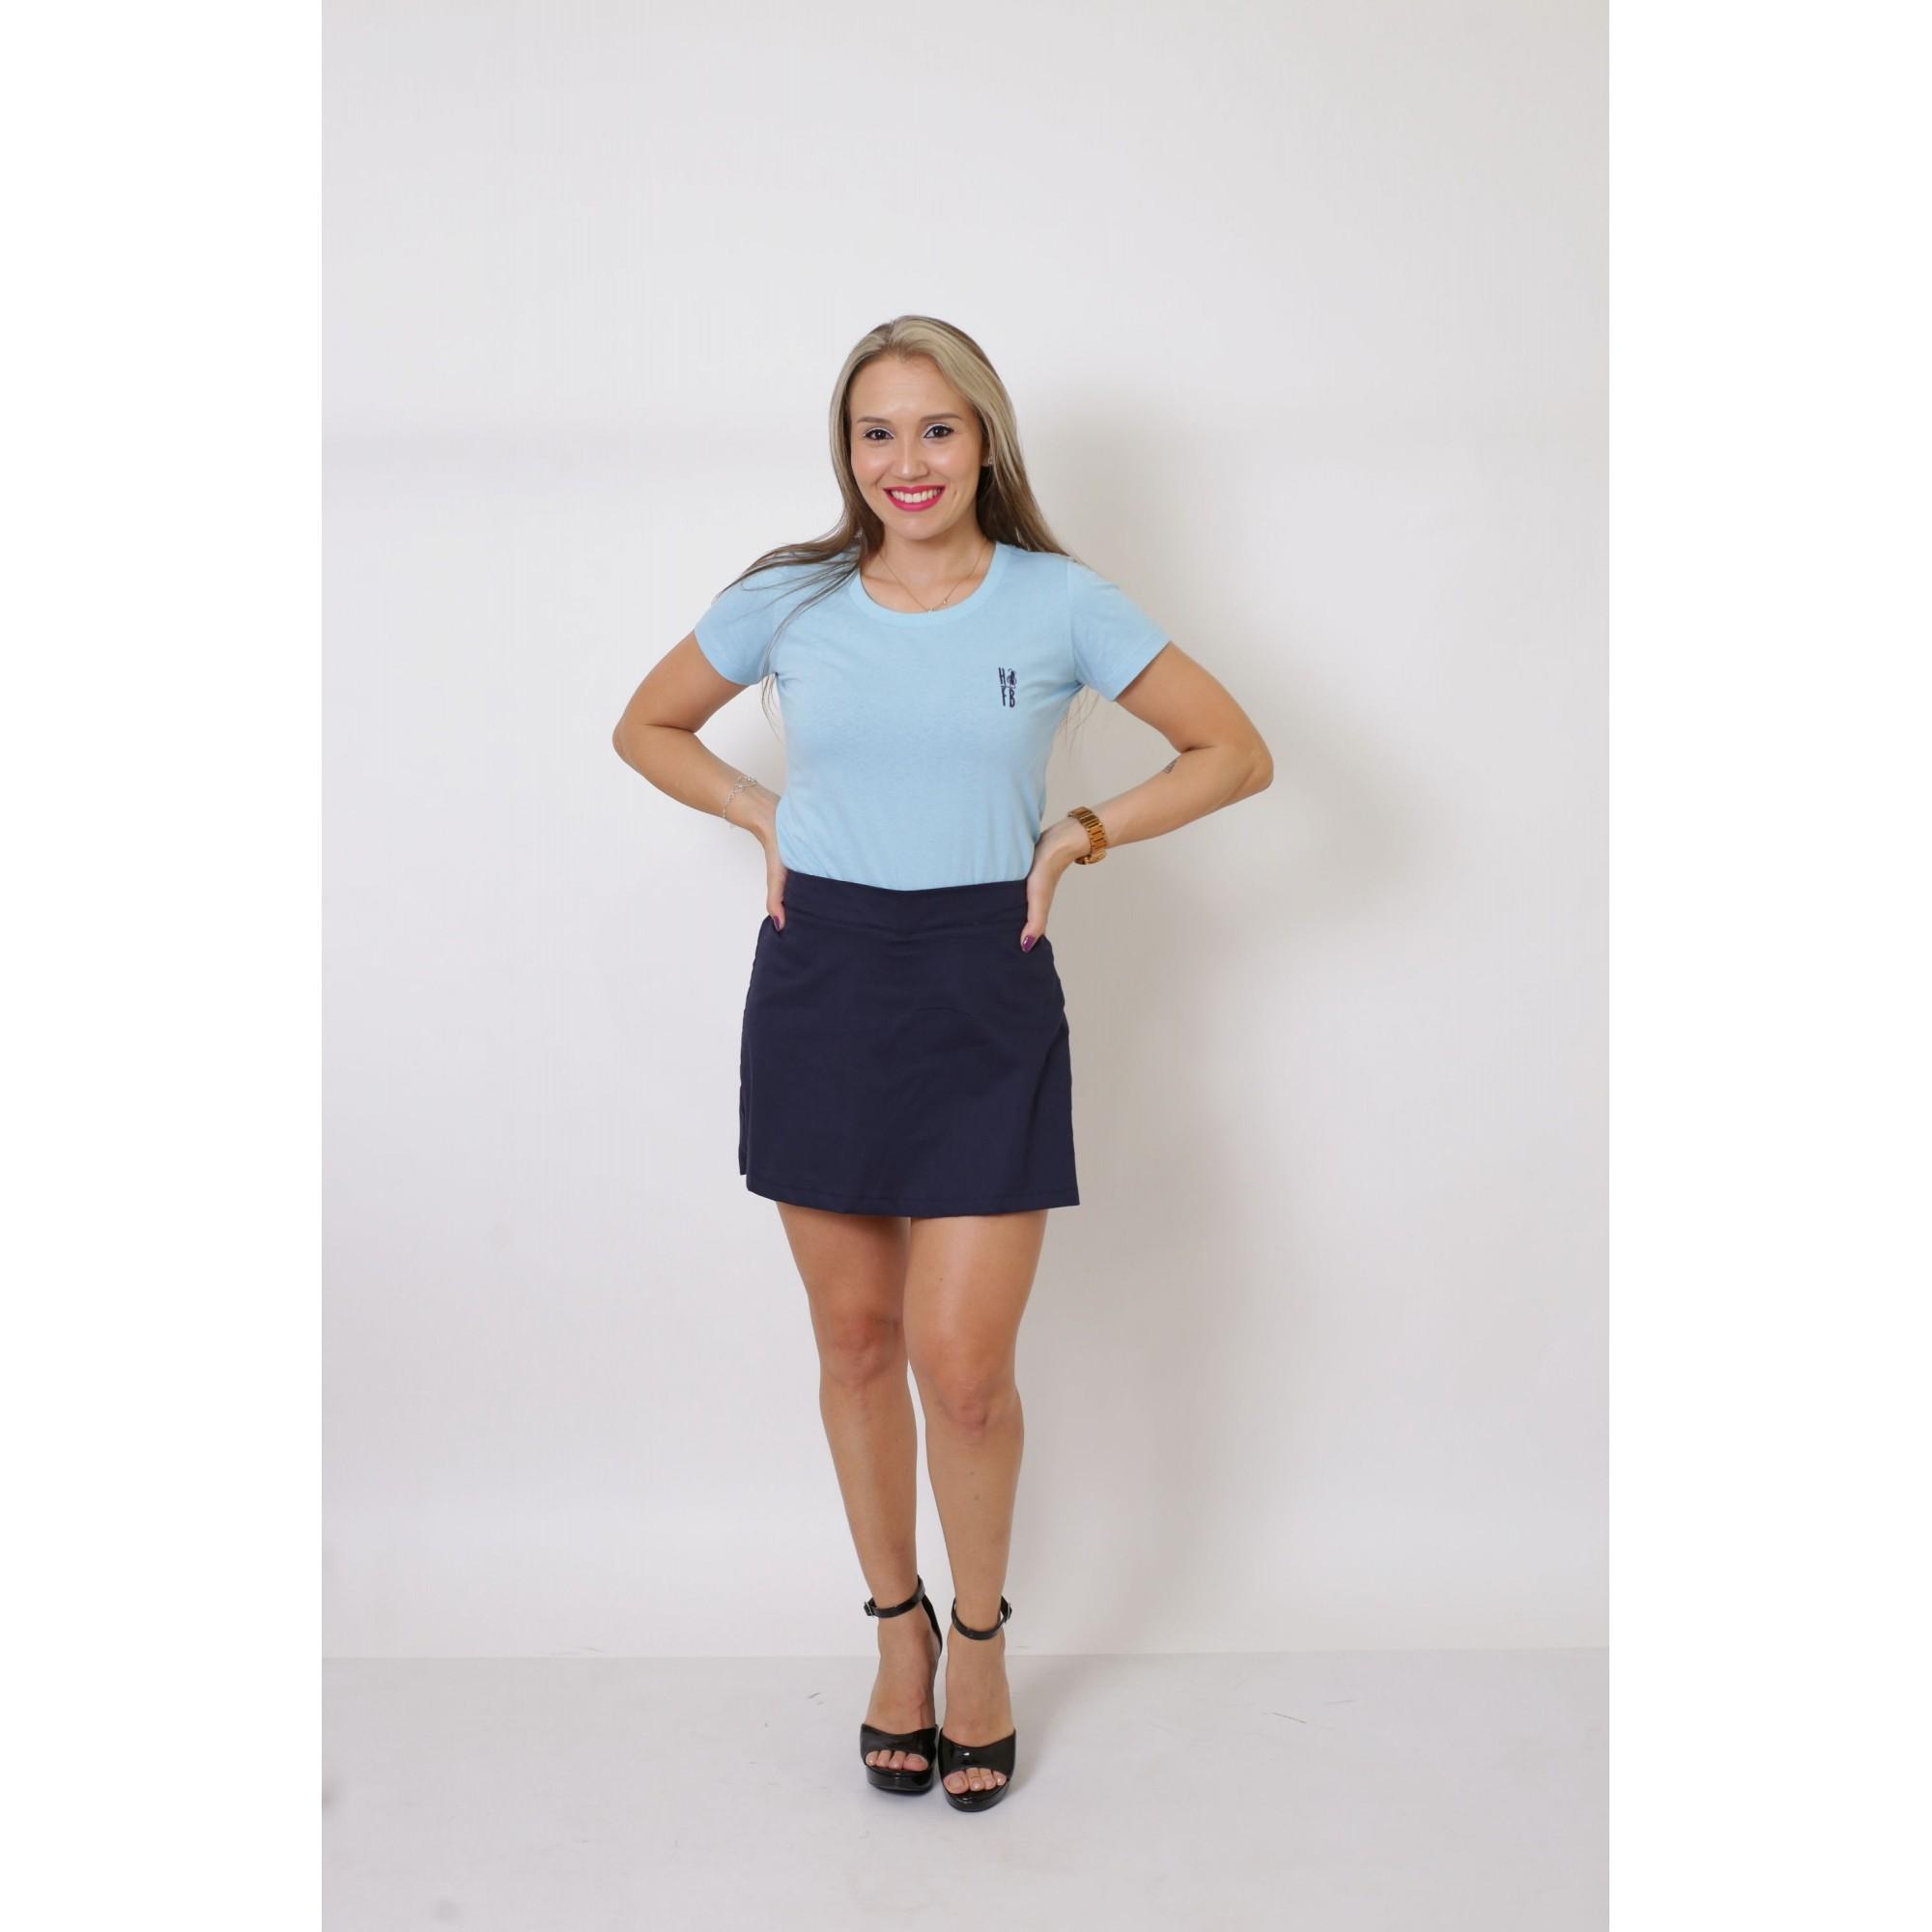 NAMORADOS > Kit 02 Peças T-Shirts Azul Bebê [Coleção Namorados]  - Heitor Fashion Brazil